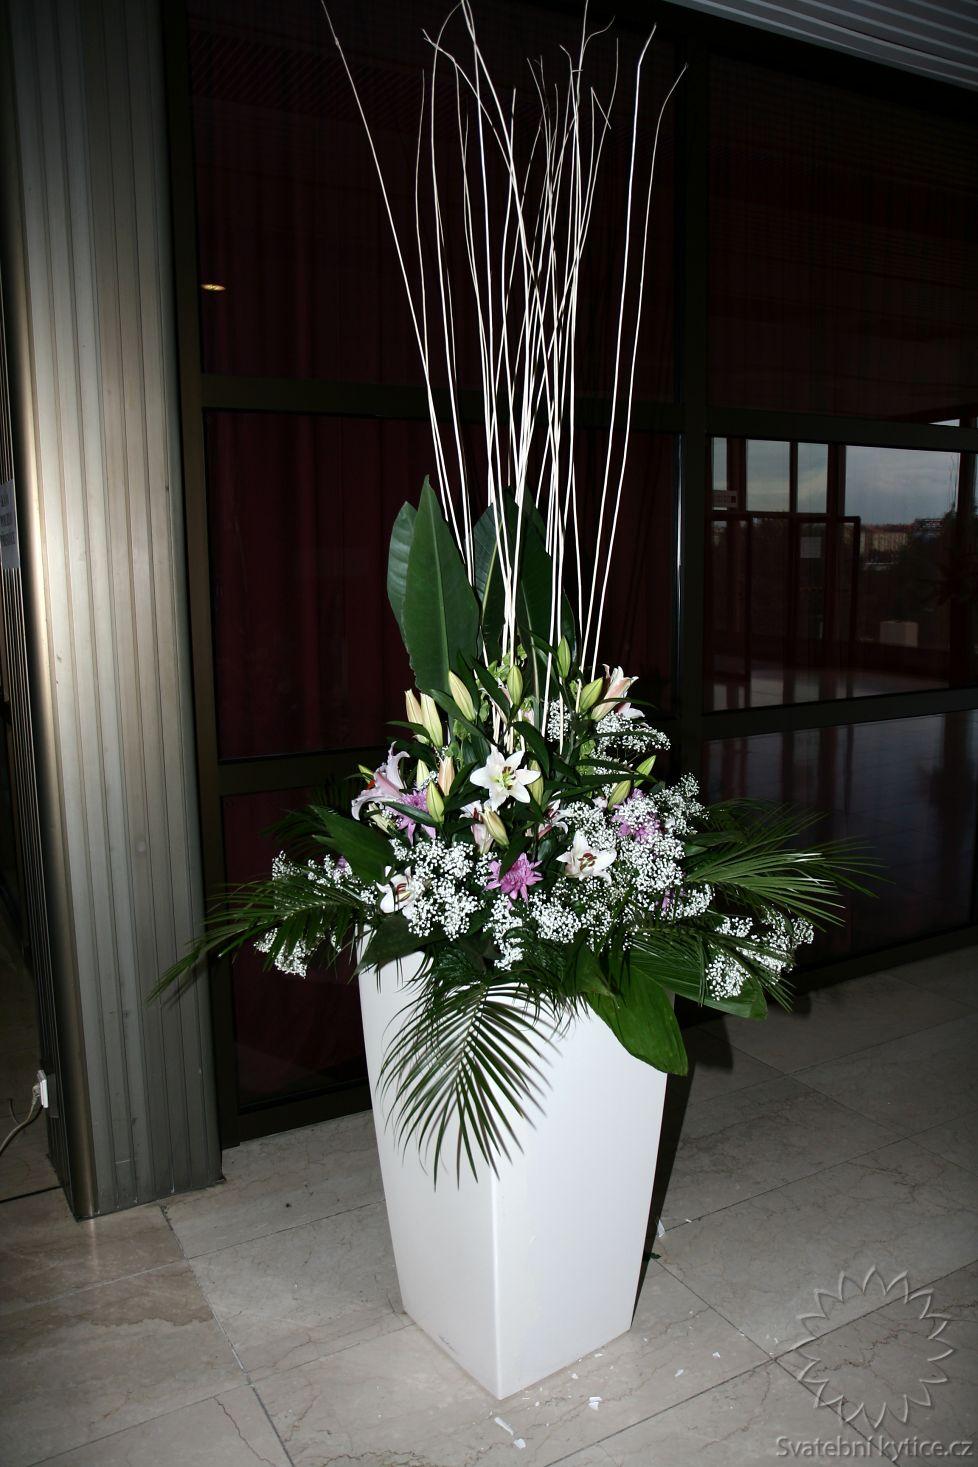 Kvetinove Dekorace Kongresove Centrum Praha Mary Kay 533 2420